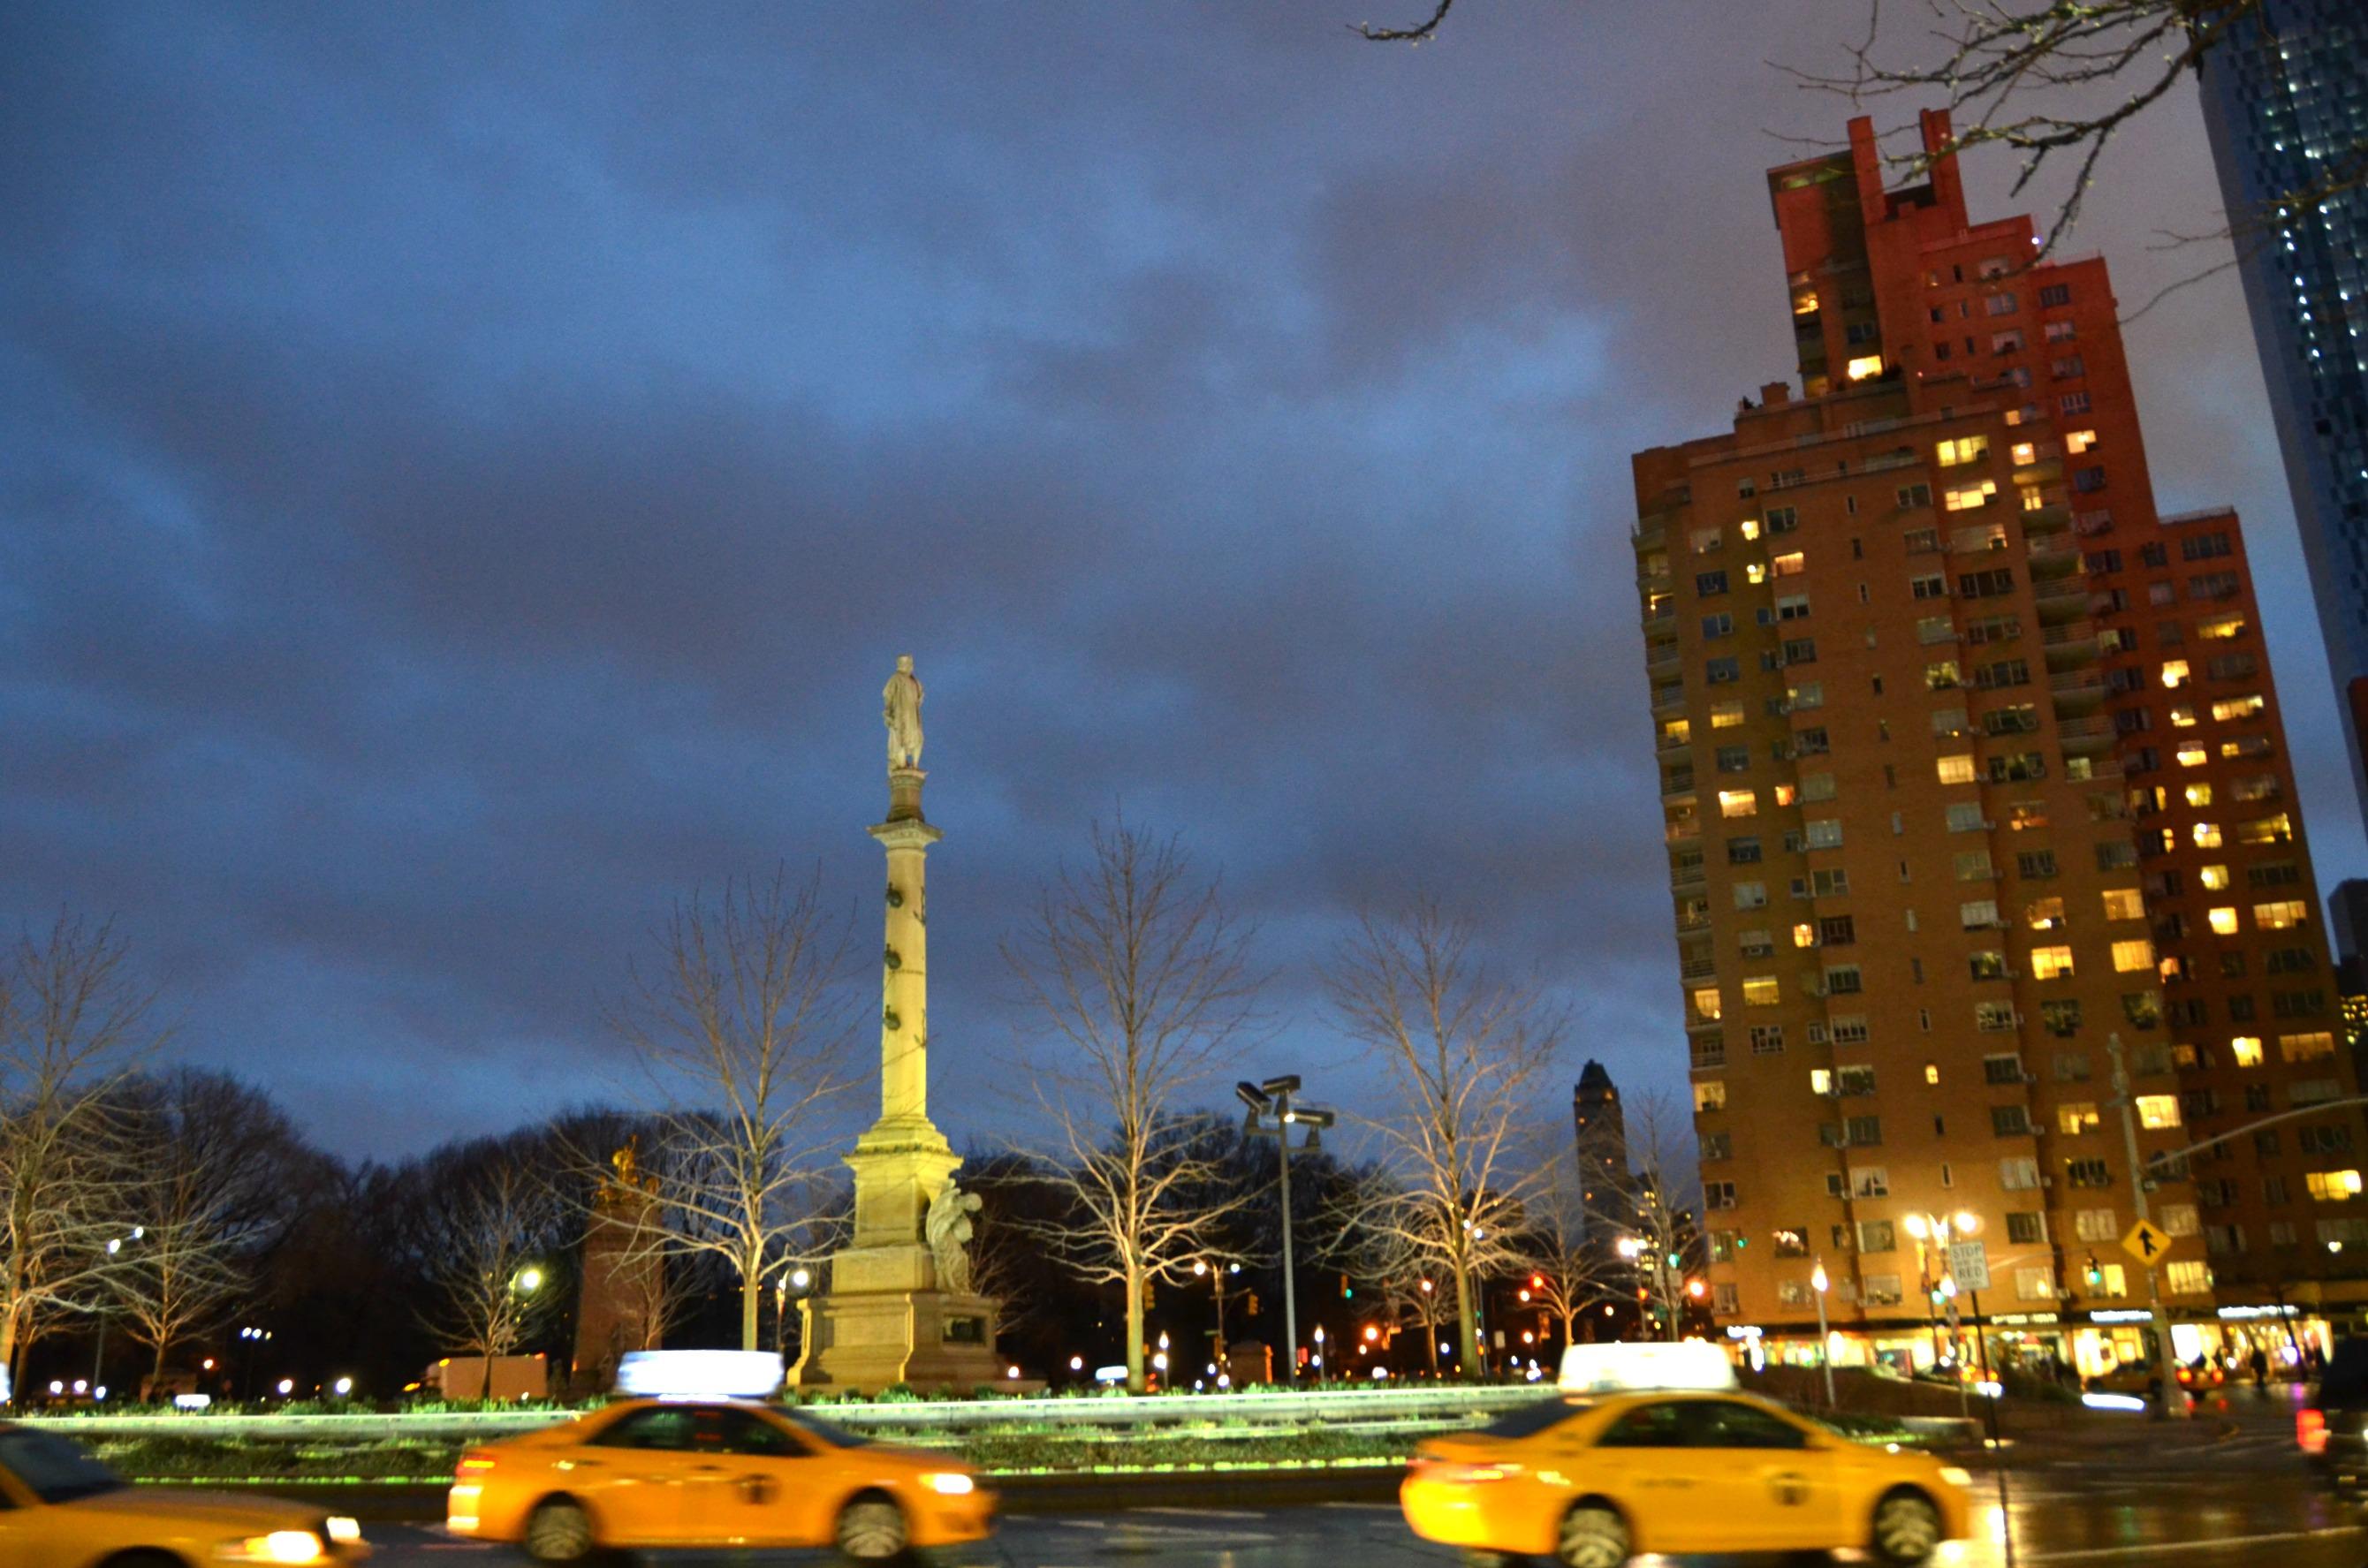 Columbus Circle NYC _JoseTutesTutivenphotographyShockBlast